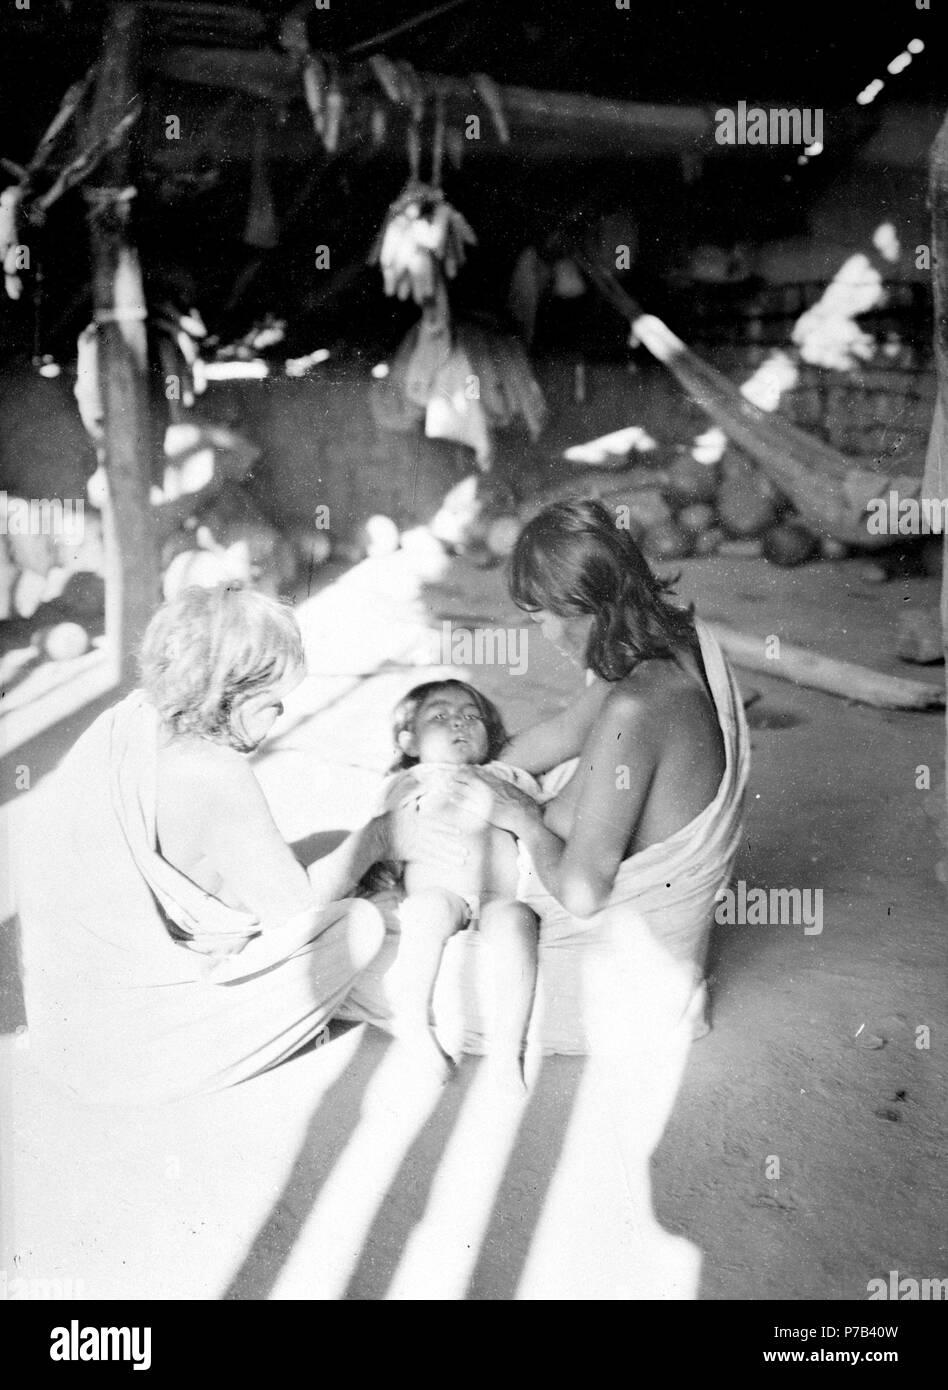 125 Gammal medicinkvinna botar ett barn som dess moder håller i knät - SMVK - 004914 - Stock Image